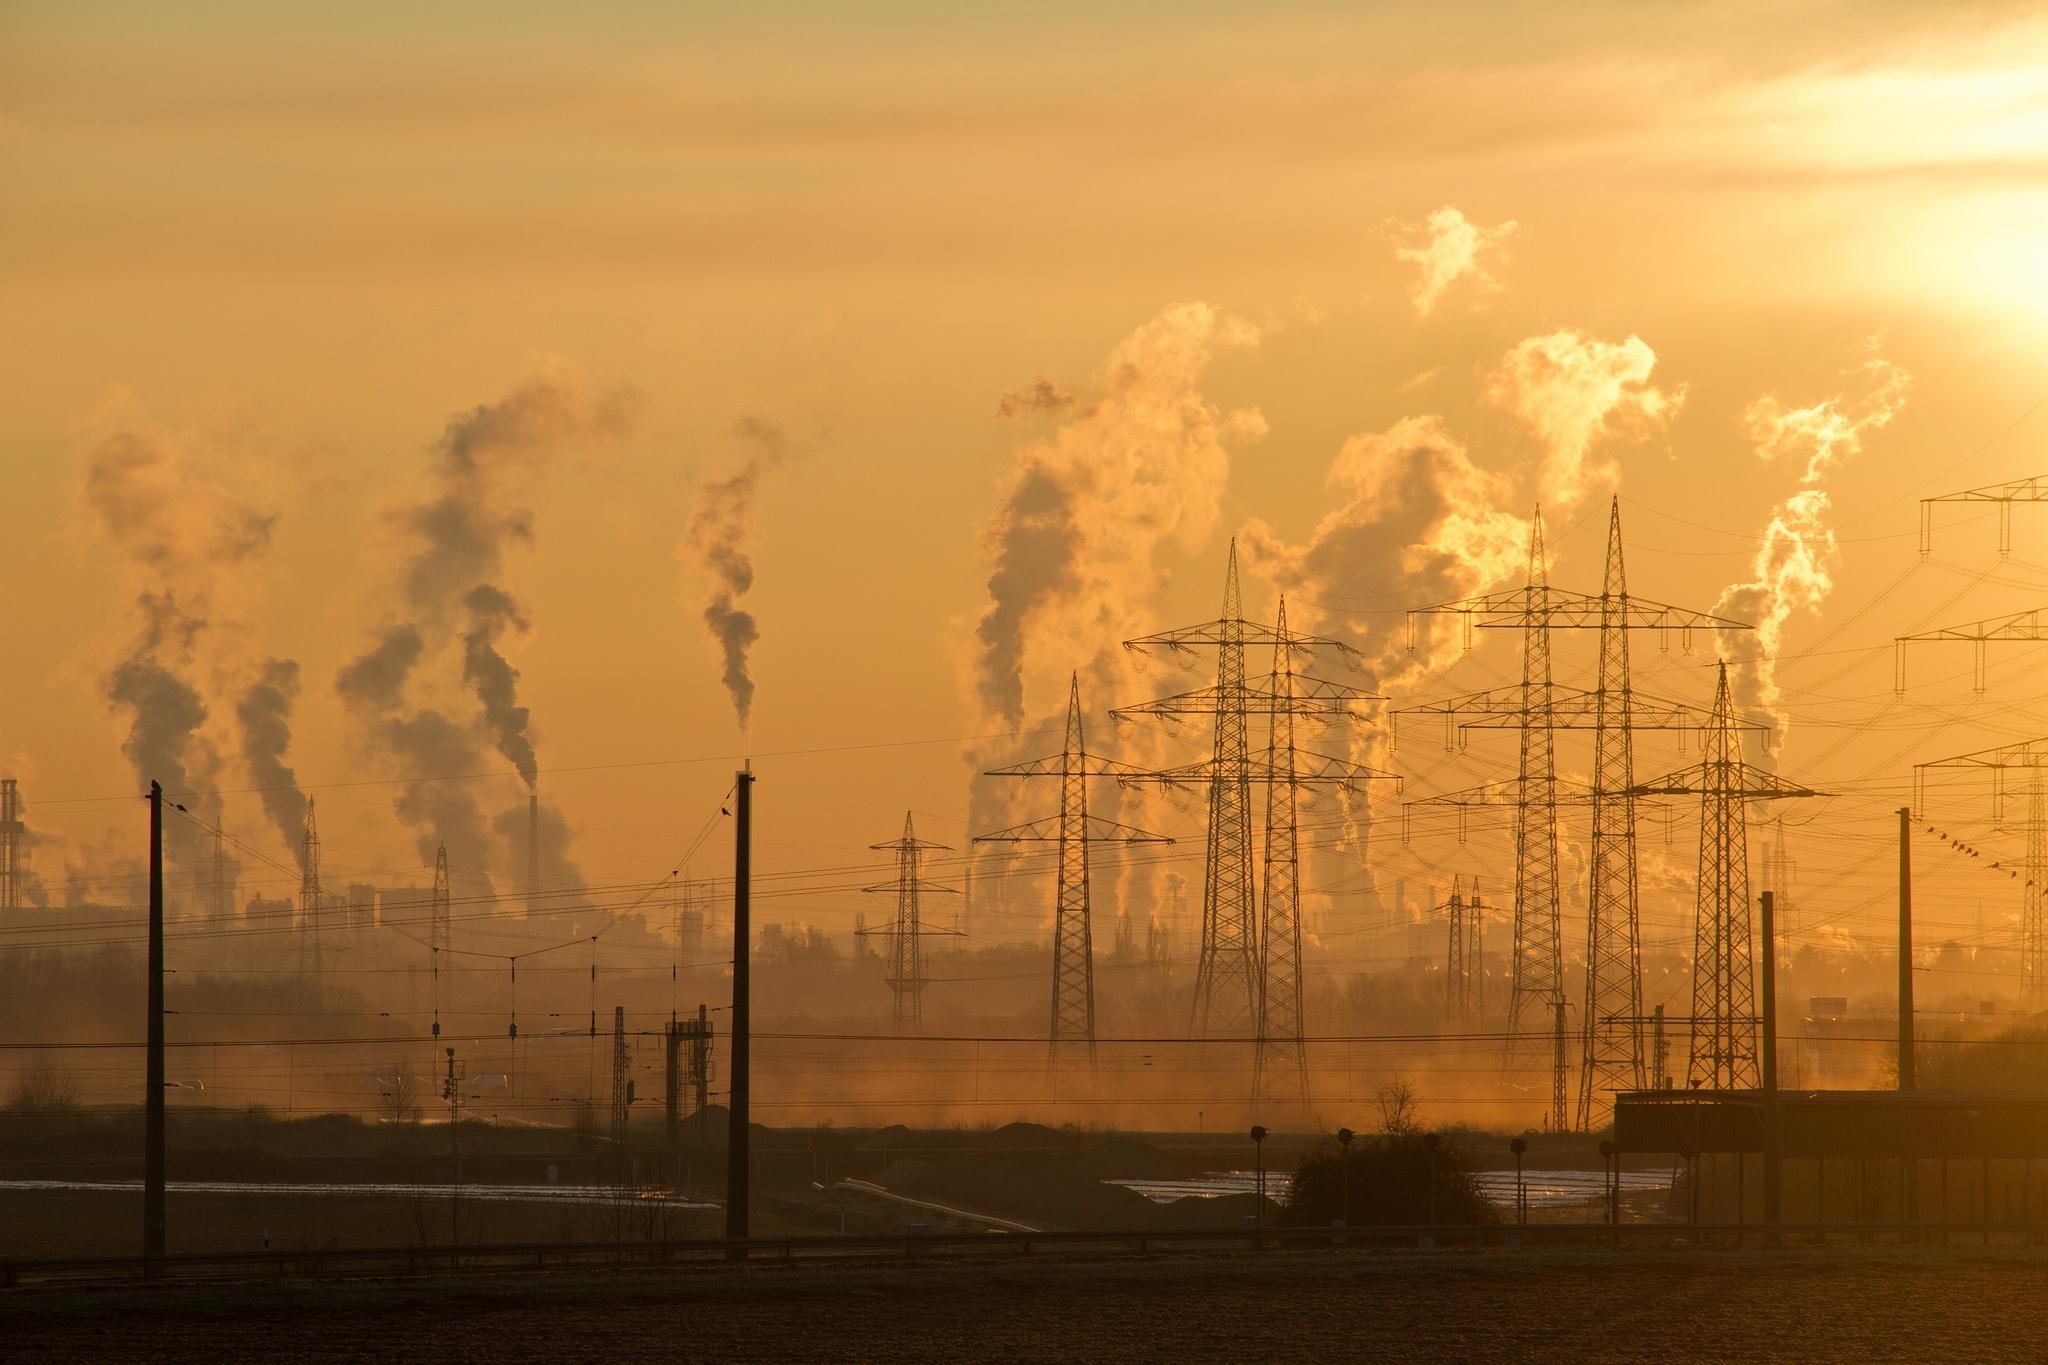 Industrie und Luftverschmutzung in orangefarbenem Licht